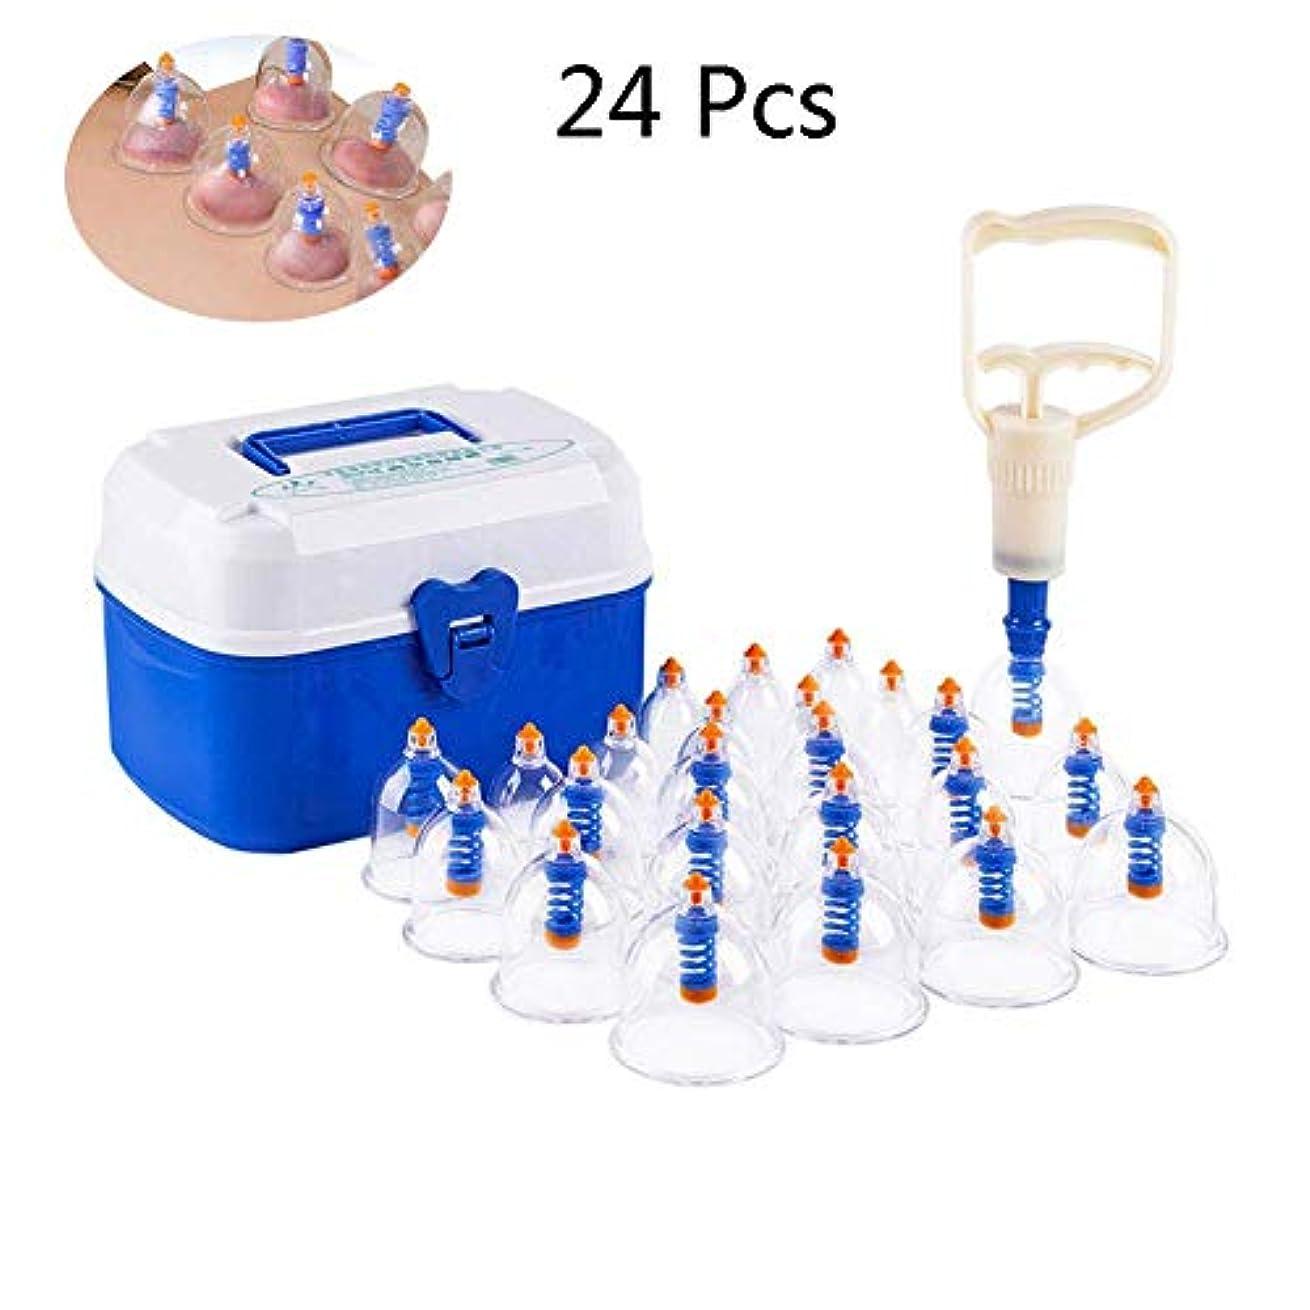 貴重なお父さんウサギカッピング療法セット、大人と高齢者に適したポンプハンドルと延長チューブを備えたプロフェッショナルカッピング24カップセット